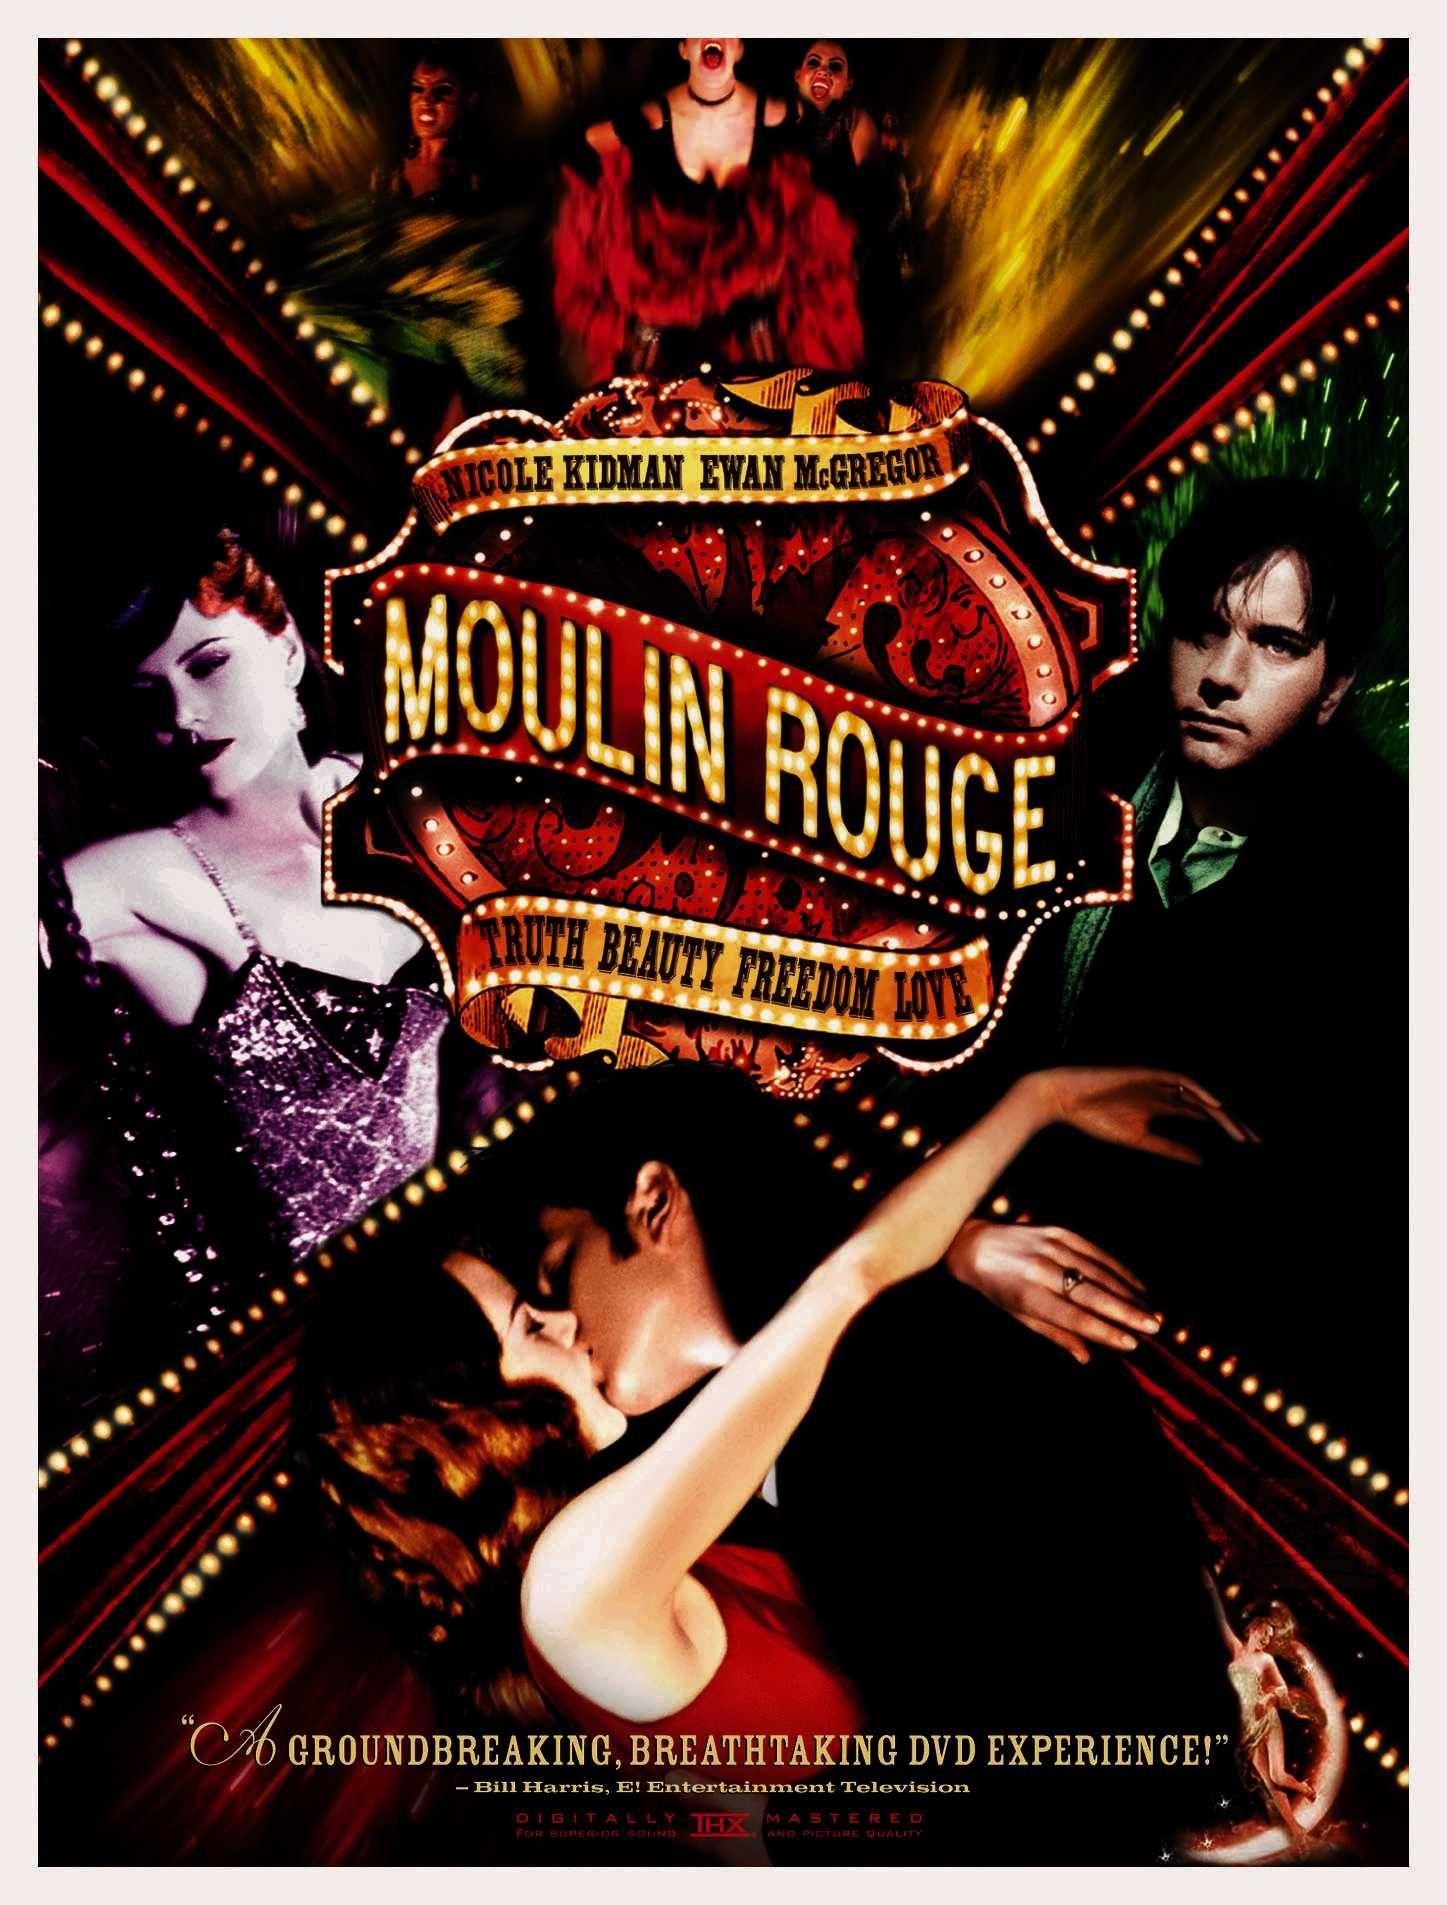 Moulin Rouge Series Y Peliculas Peliculas Poster De Peliculas